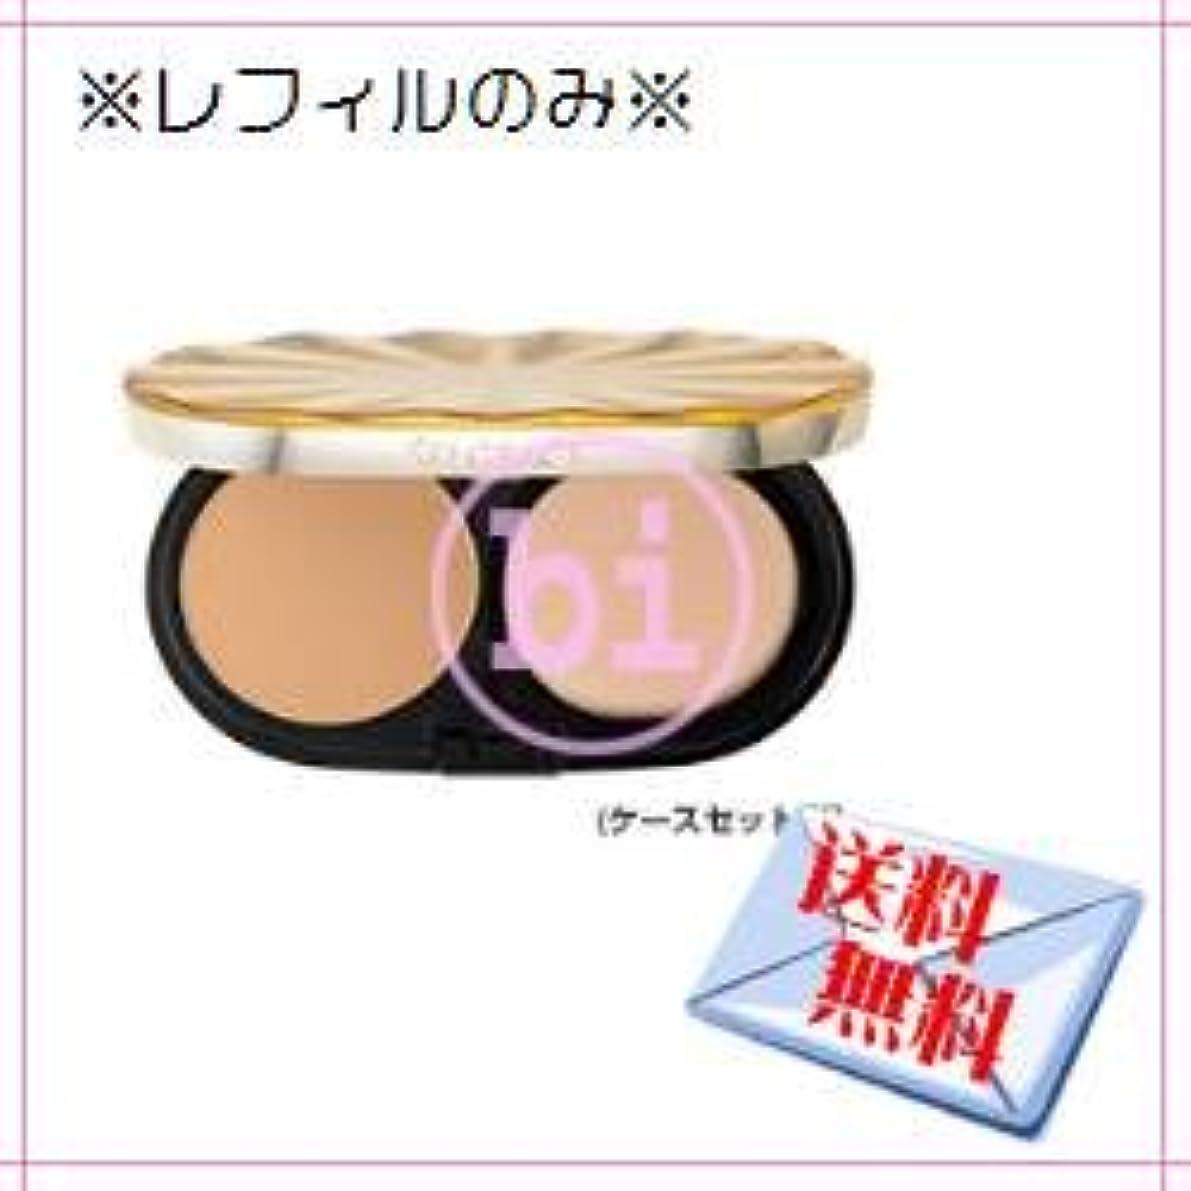 国民投票軽量材料ナリス セルグレース パウダーファンデーション(レフィル)<ケース別売><カラー:530>